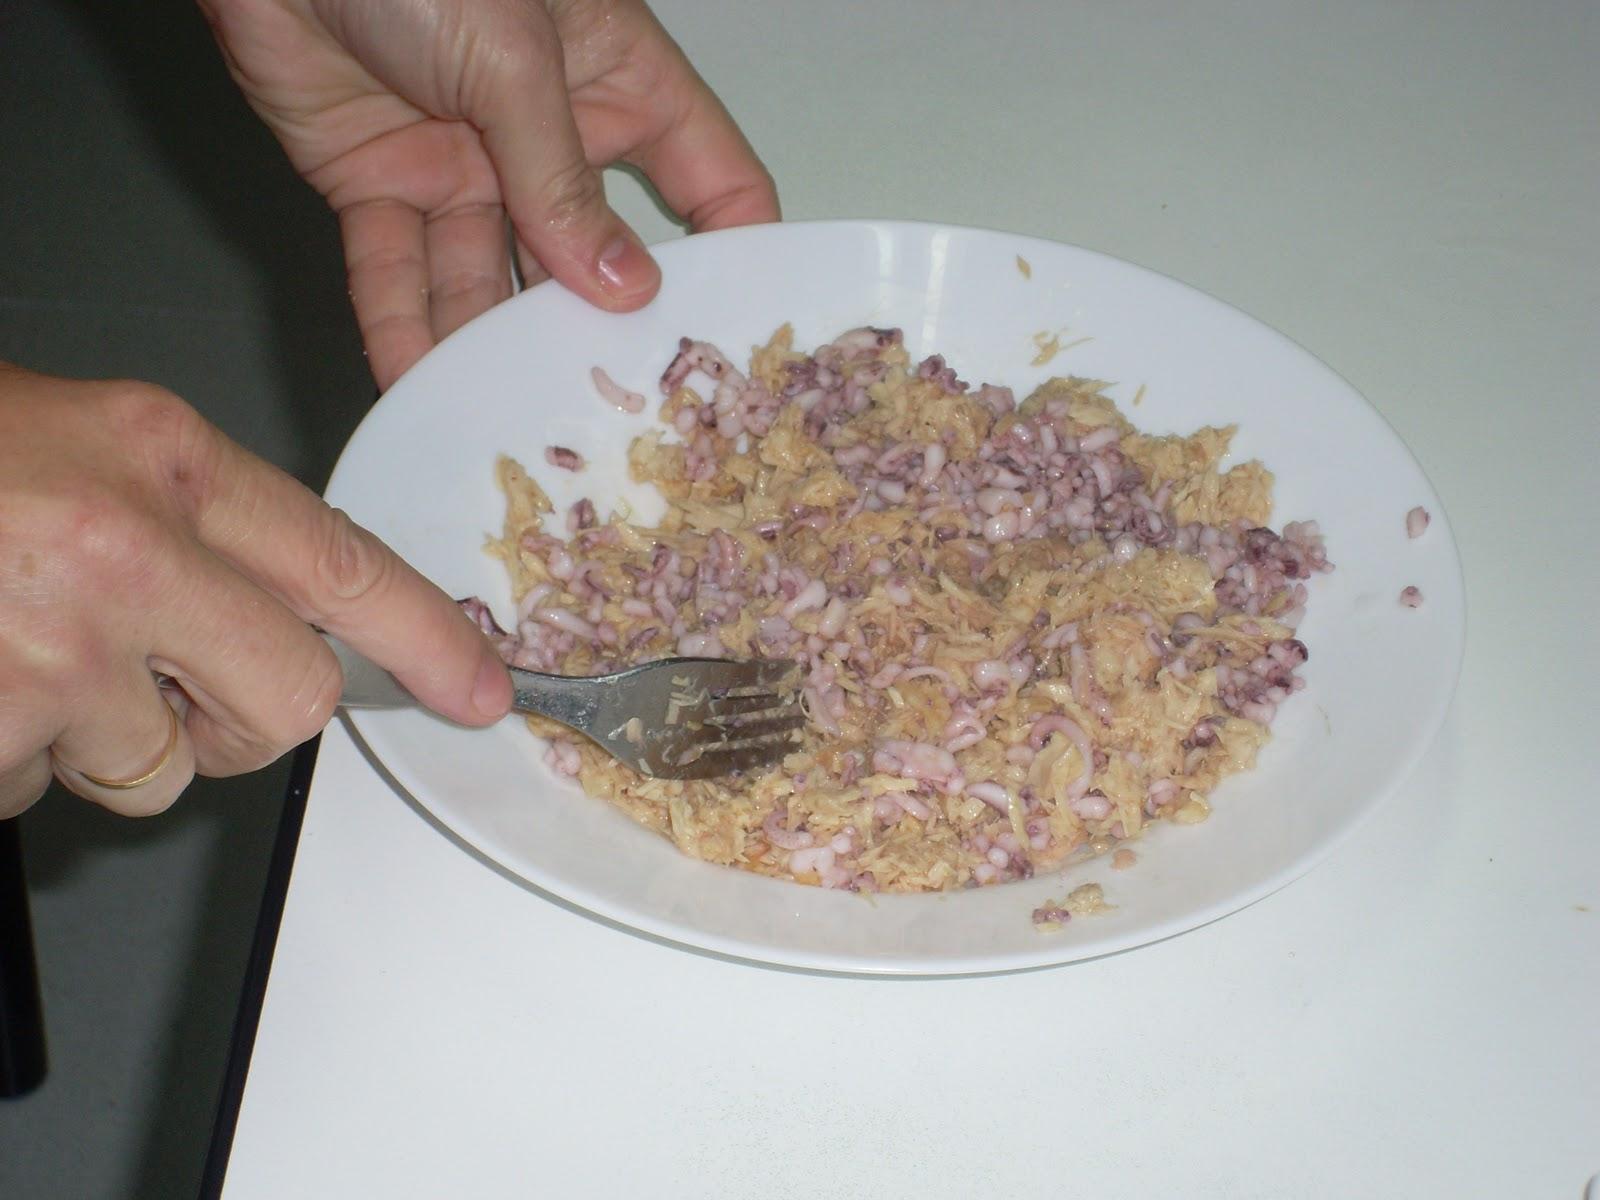 La cocina de pilar manzano chipirones rellenos - Chipirones rellenos en salsa de tomate ...